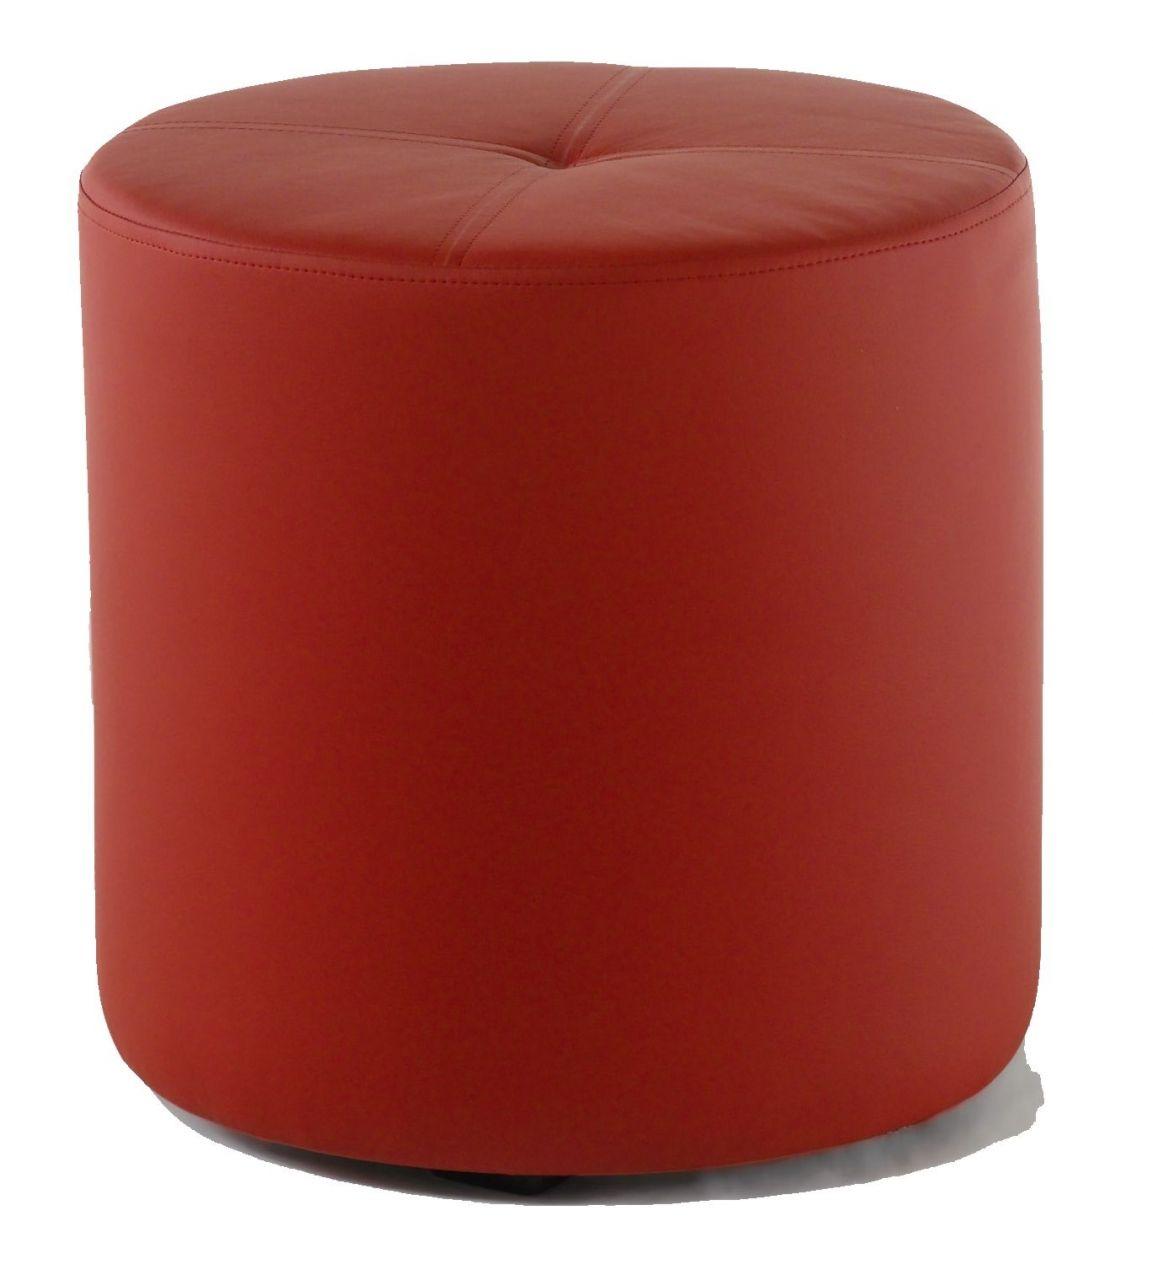 Rundhocker Sitzhocker Schminkhocker Hocker Sessel Kunstleder Rot 43